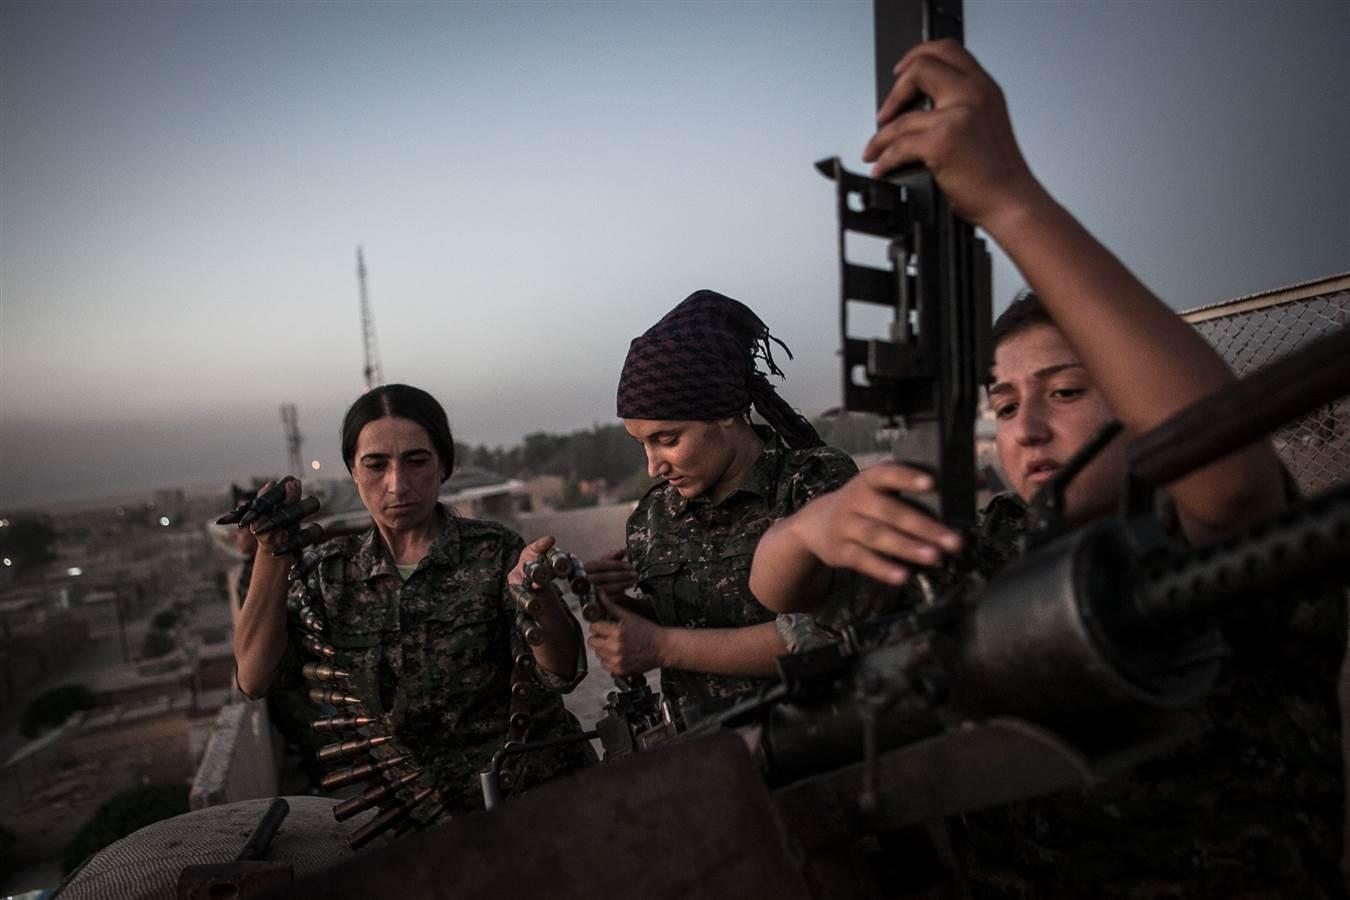 Nữ chiến binh Kurd: Tình yêu đất nước lớn hơn mọi nỗi sợ hãi 9